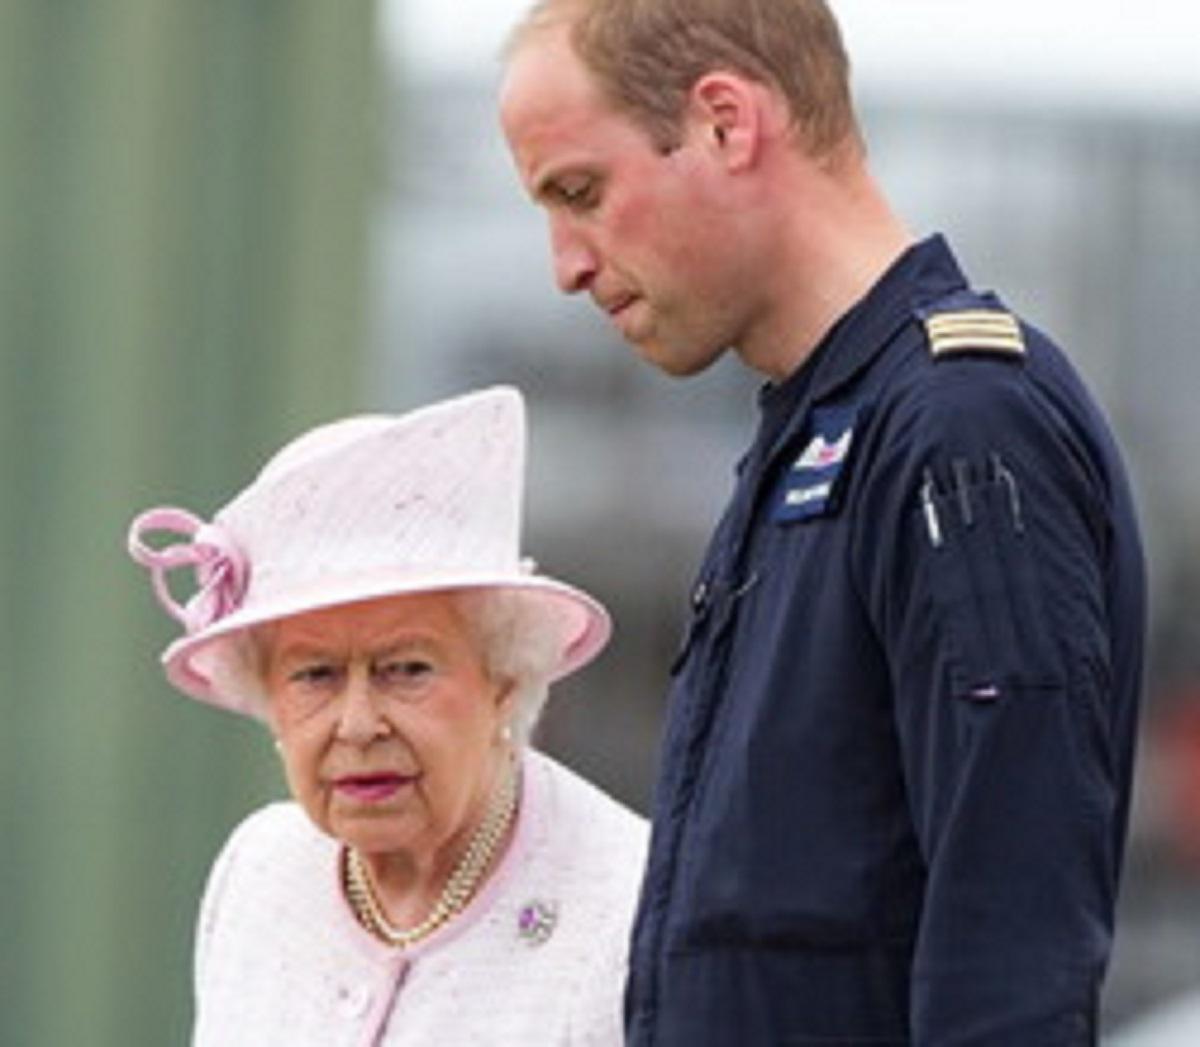 Principe William gesto choc fratello Harry